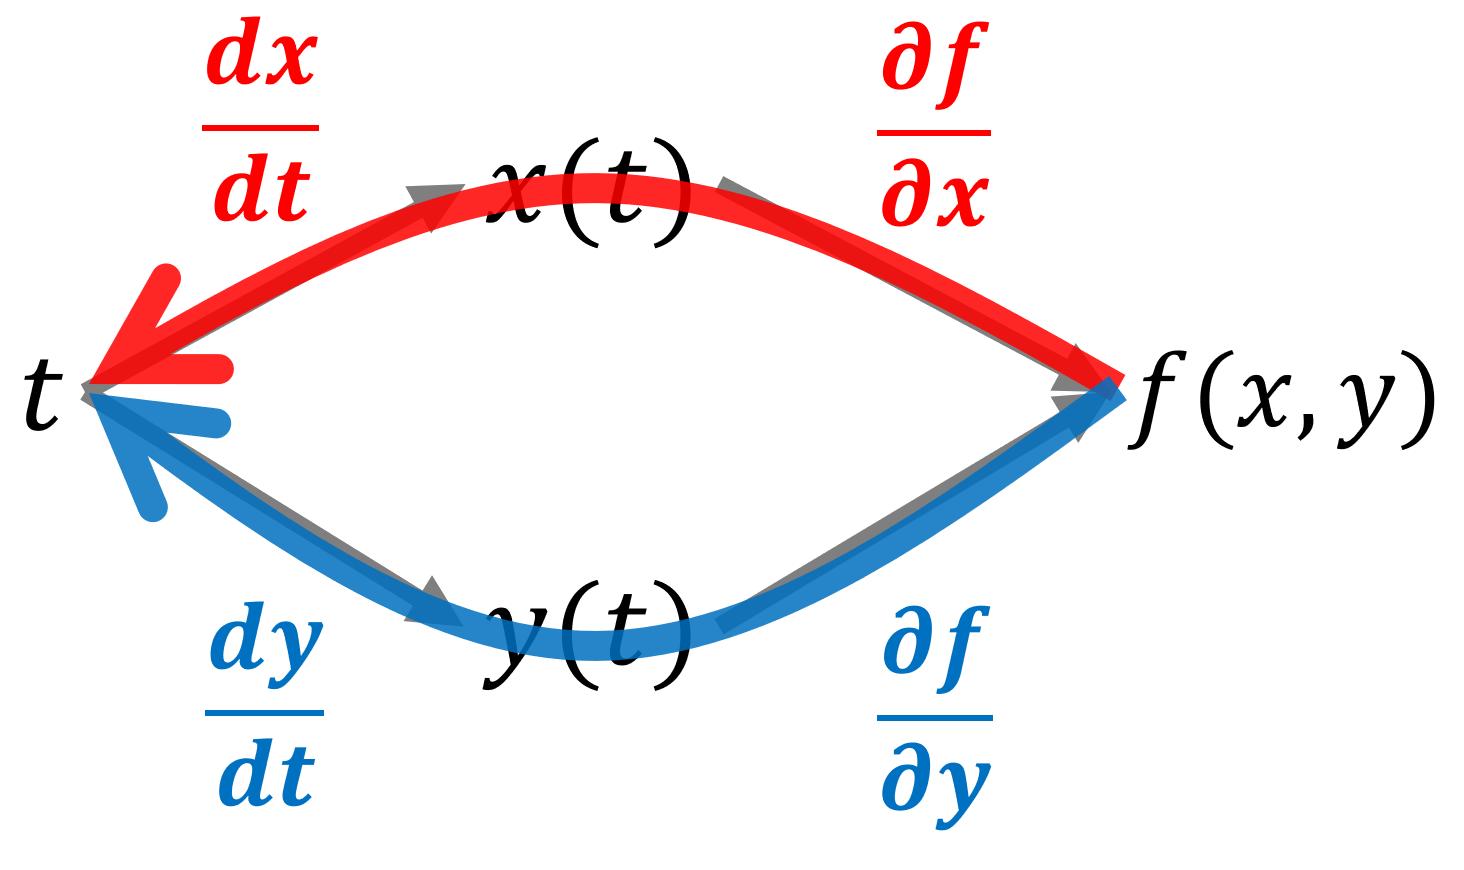 合成関数の偏微分における連鎖律(チェインルール)